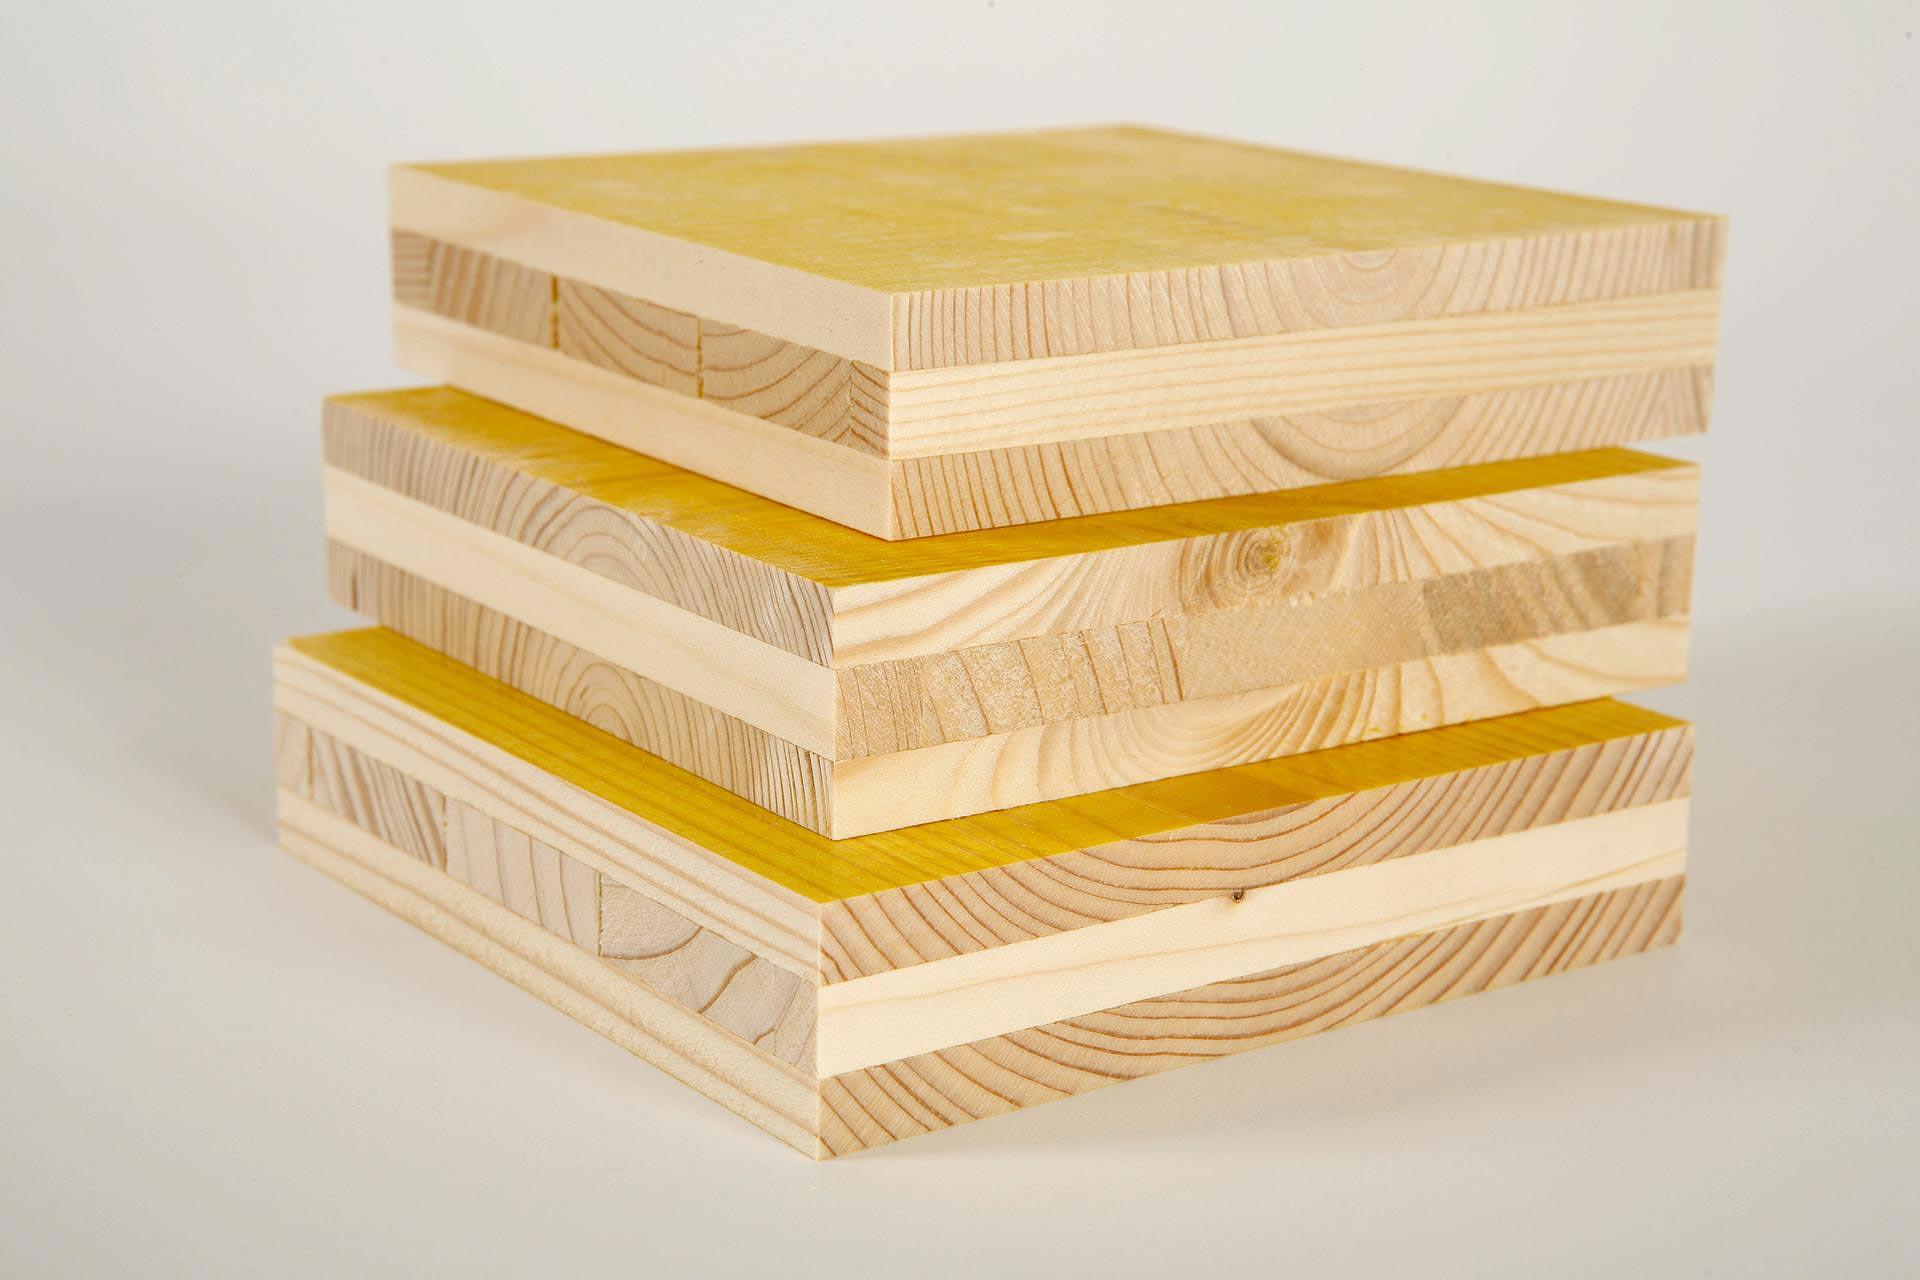 Pannelli da cassero agenzia selmi legnami vernici per edilizia - Tavole di legno per edilizia ...